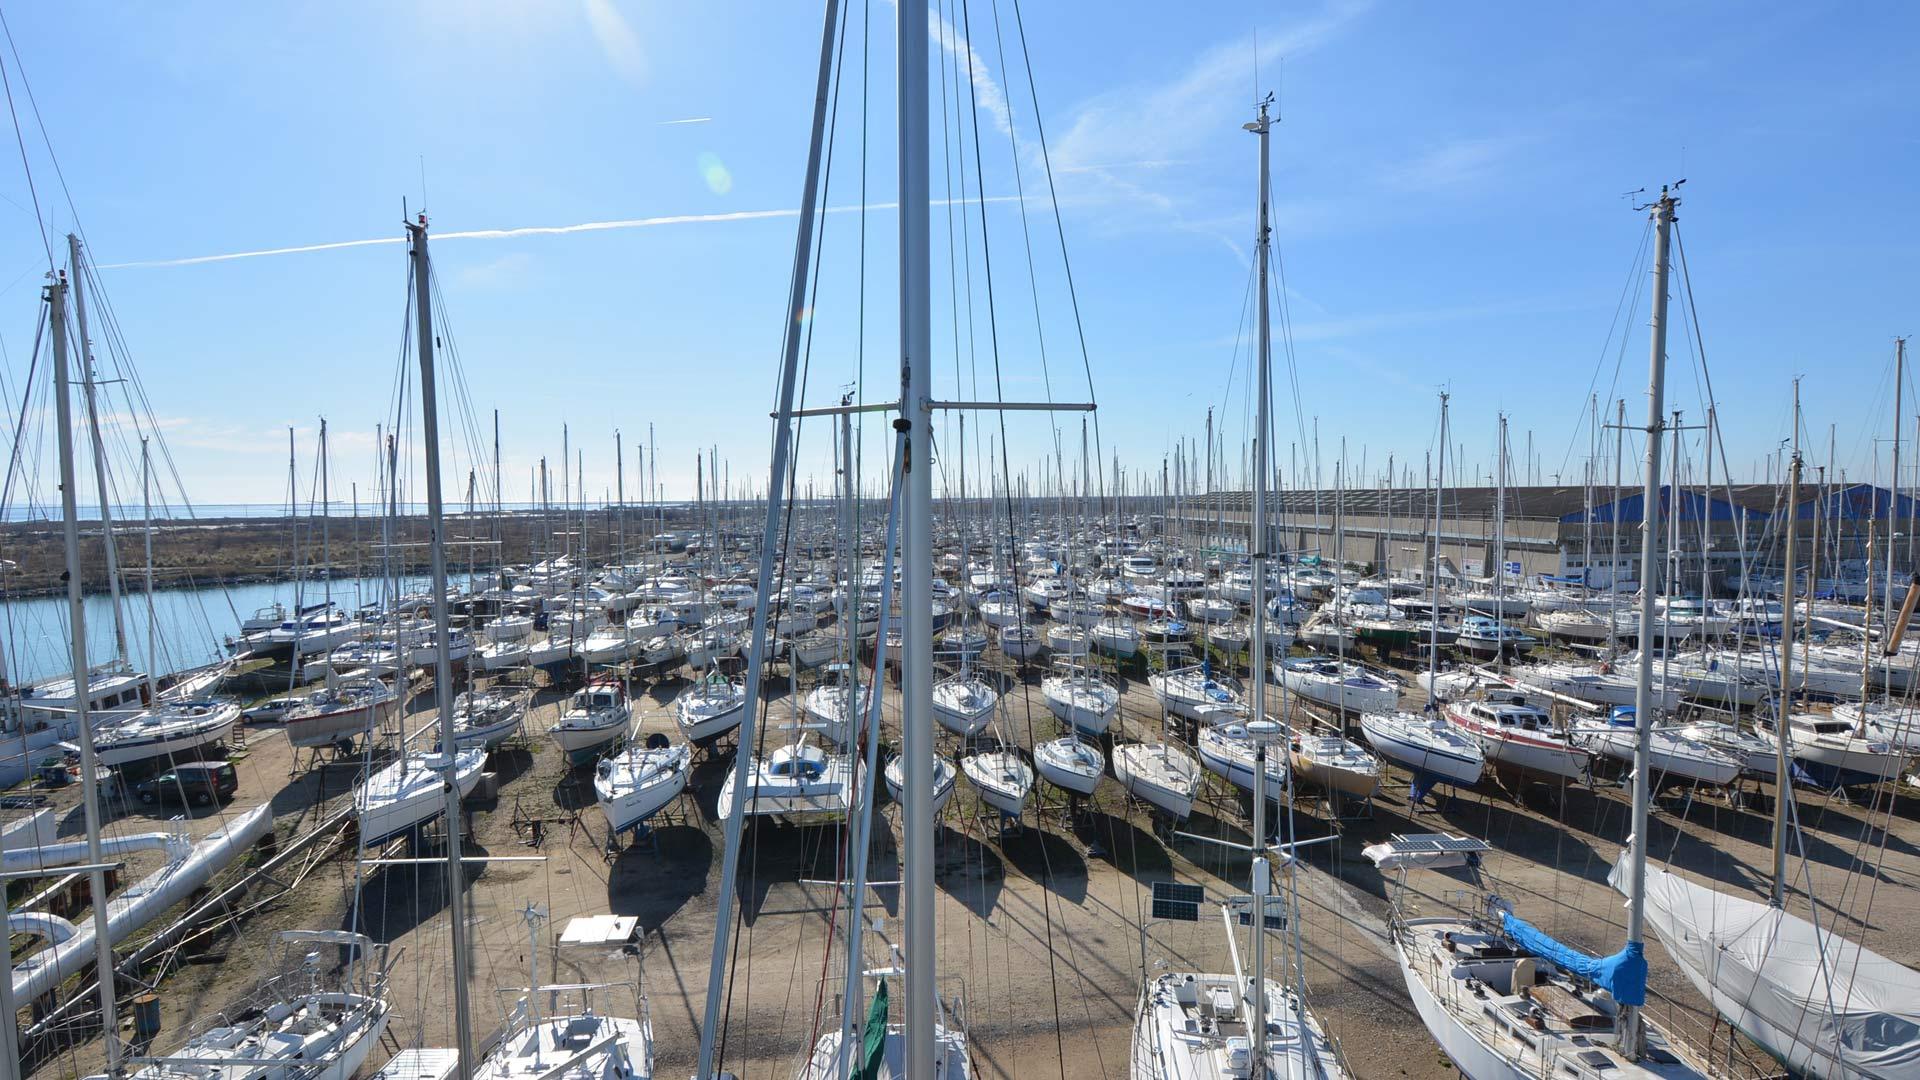 Navy-service-port-a-sec-port-saint-louis-du-rhone-03